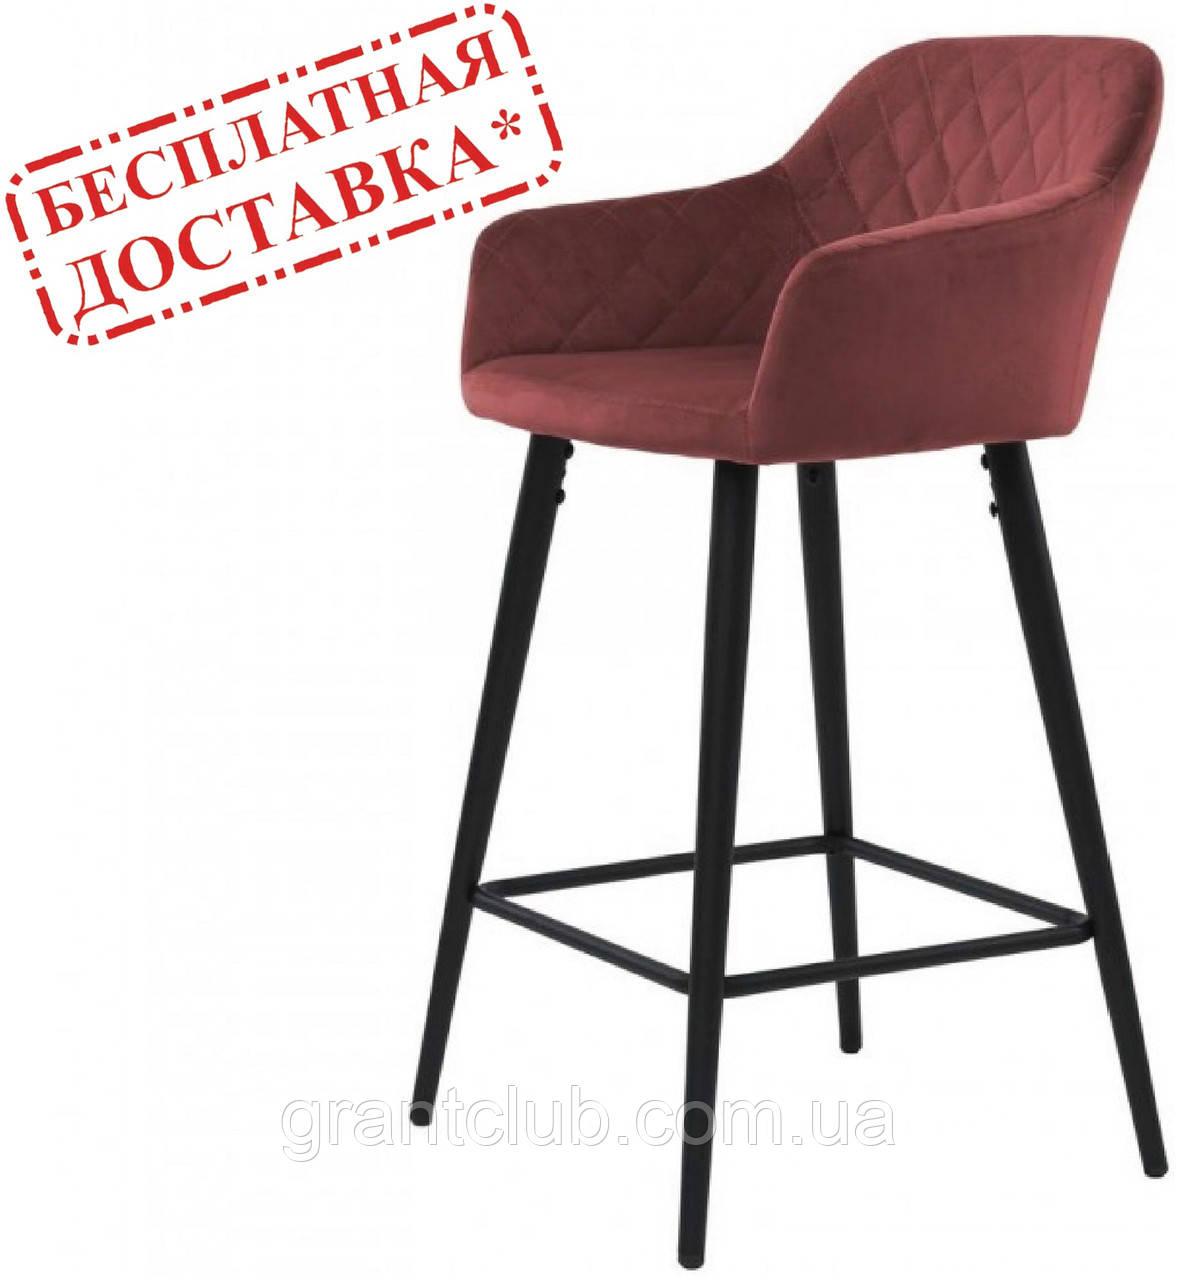 Полубарный стілець ANTIBA велюр гранат (безкоштовна доставка)